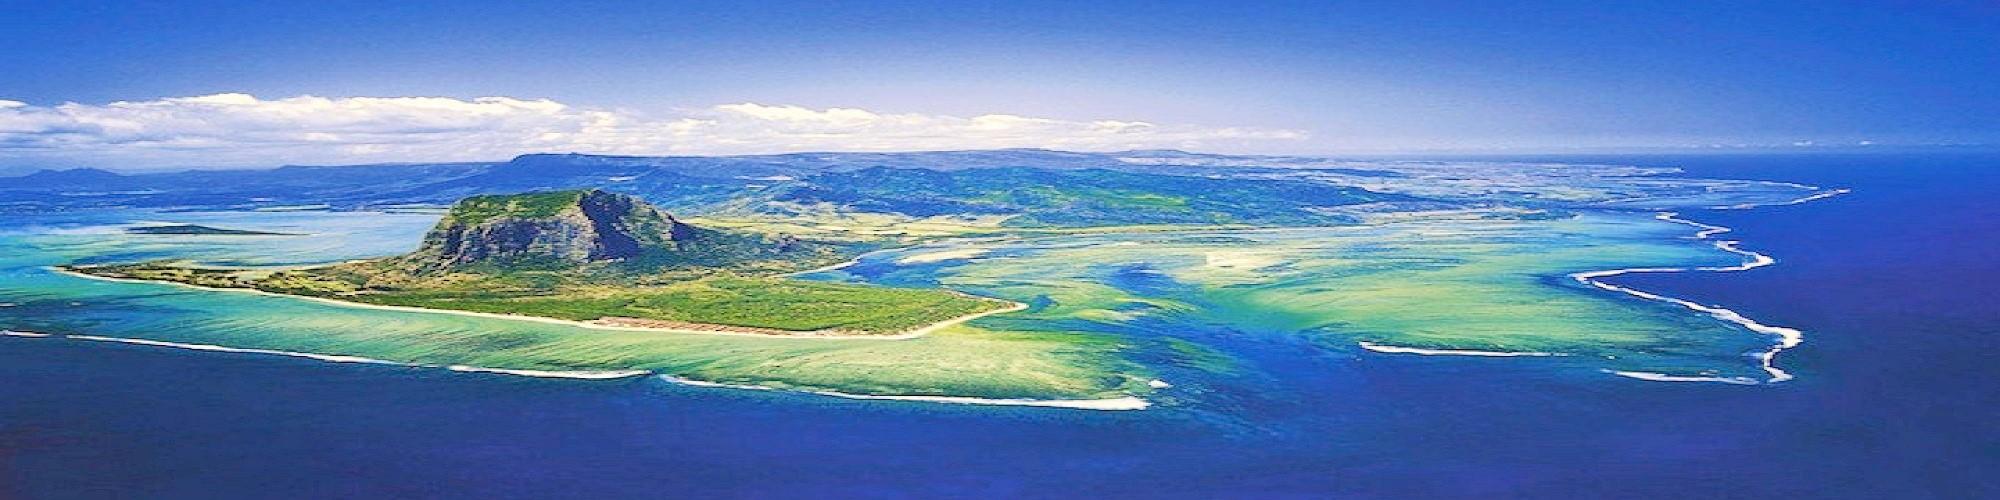 Mauritius Panoramic view